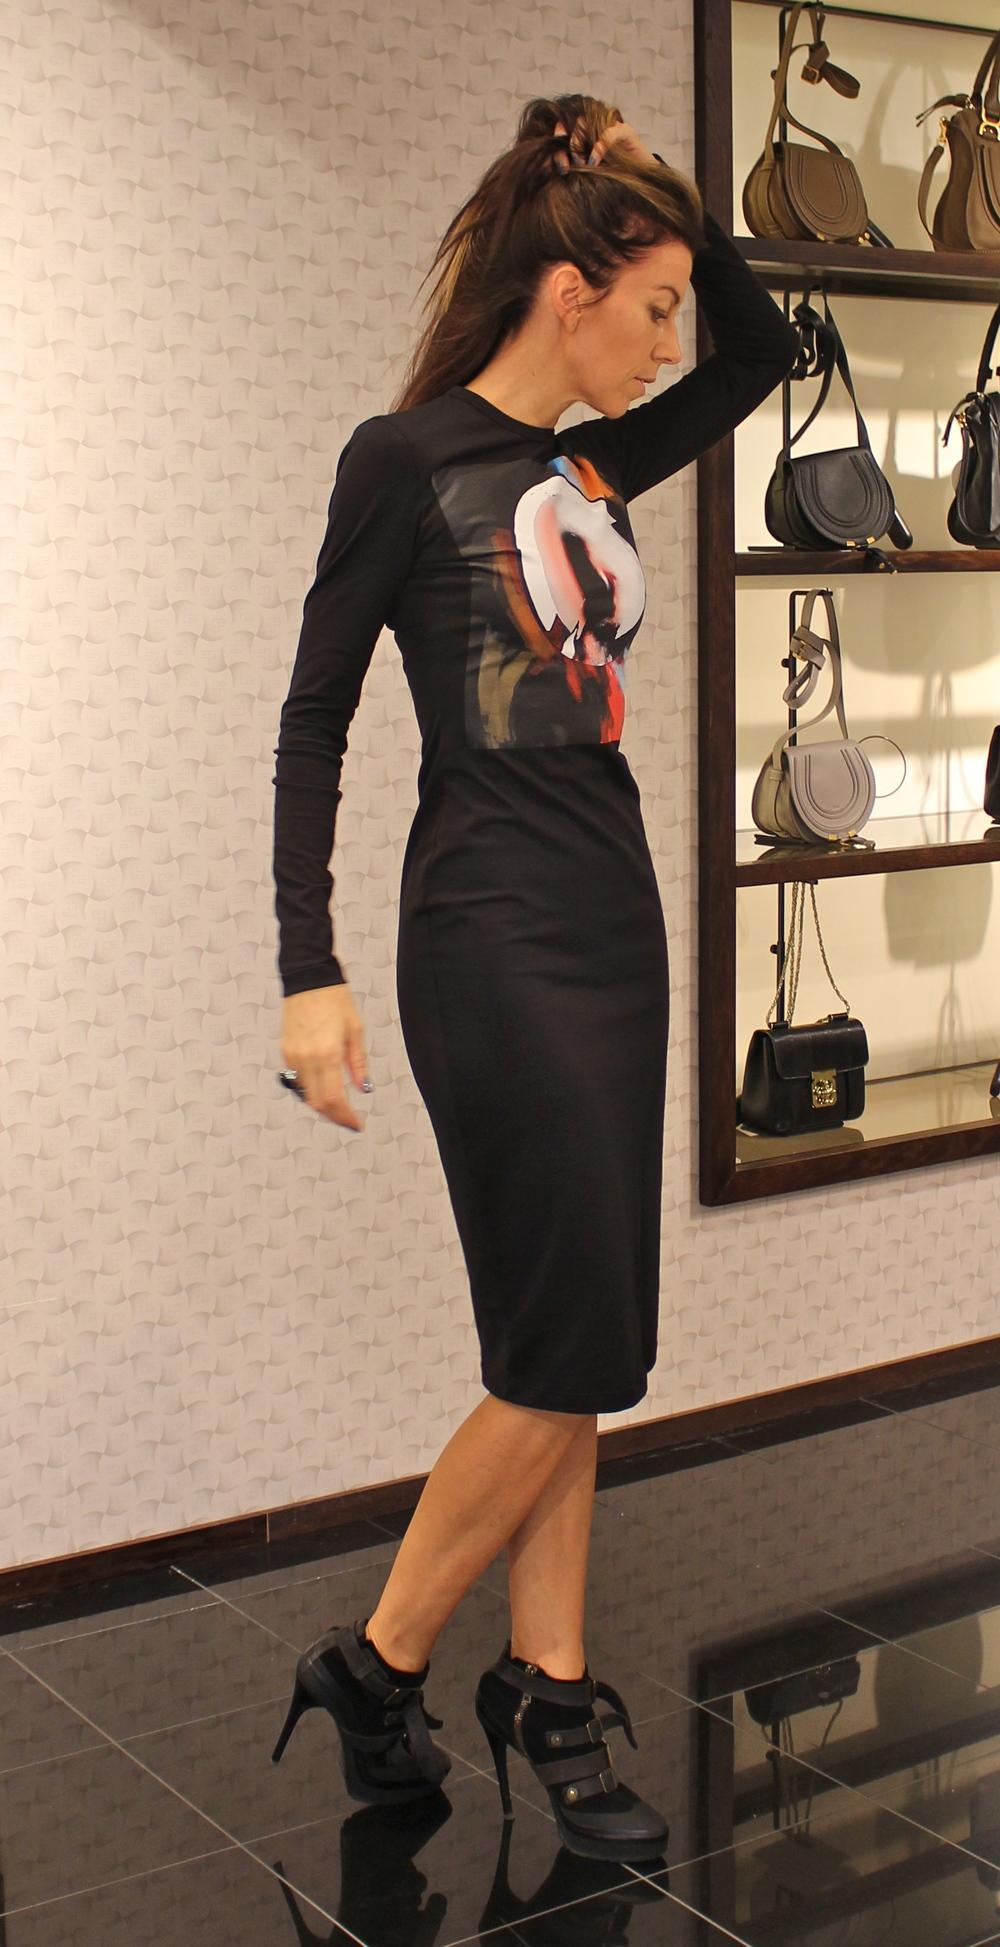 Denne t-shirt kjolen fra Givenchy er PERFEKT. Ø nsker meg den mest.  Fantastisk snitt og ekstra lange ermer.